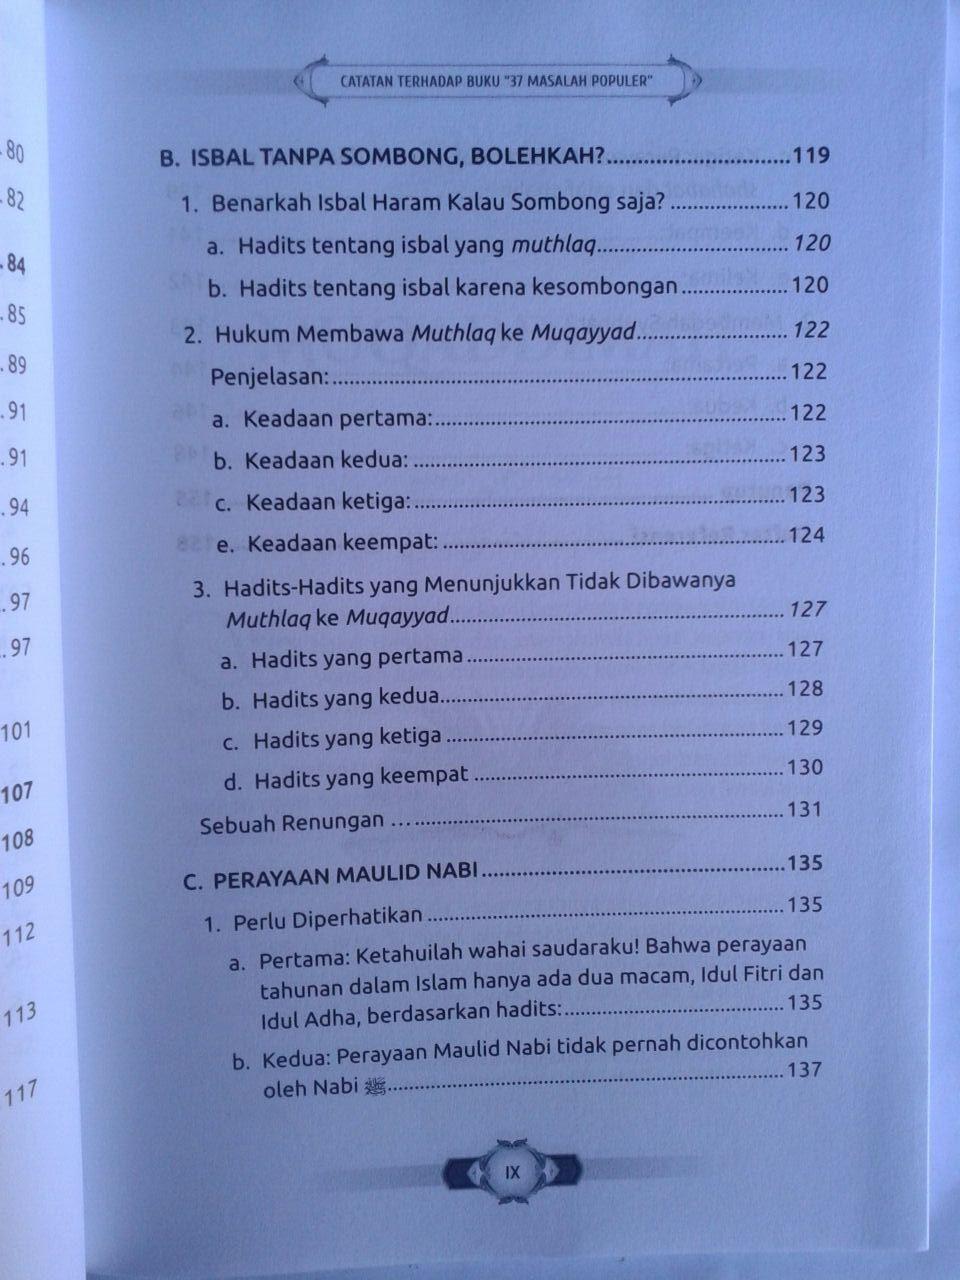 Buku Catatan Terhadap Buku 37 Masalah Populer isi 2